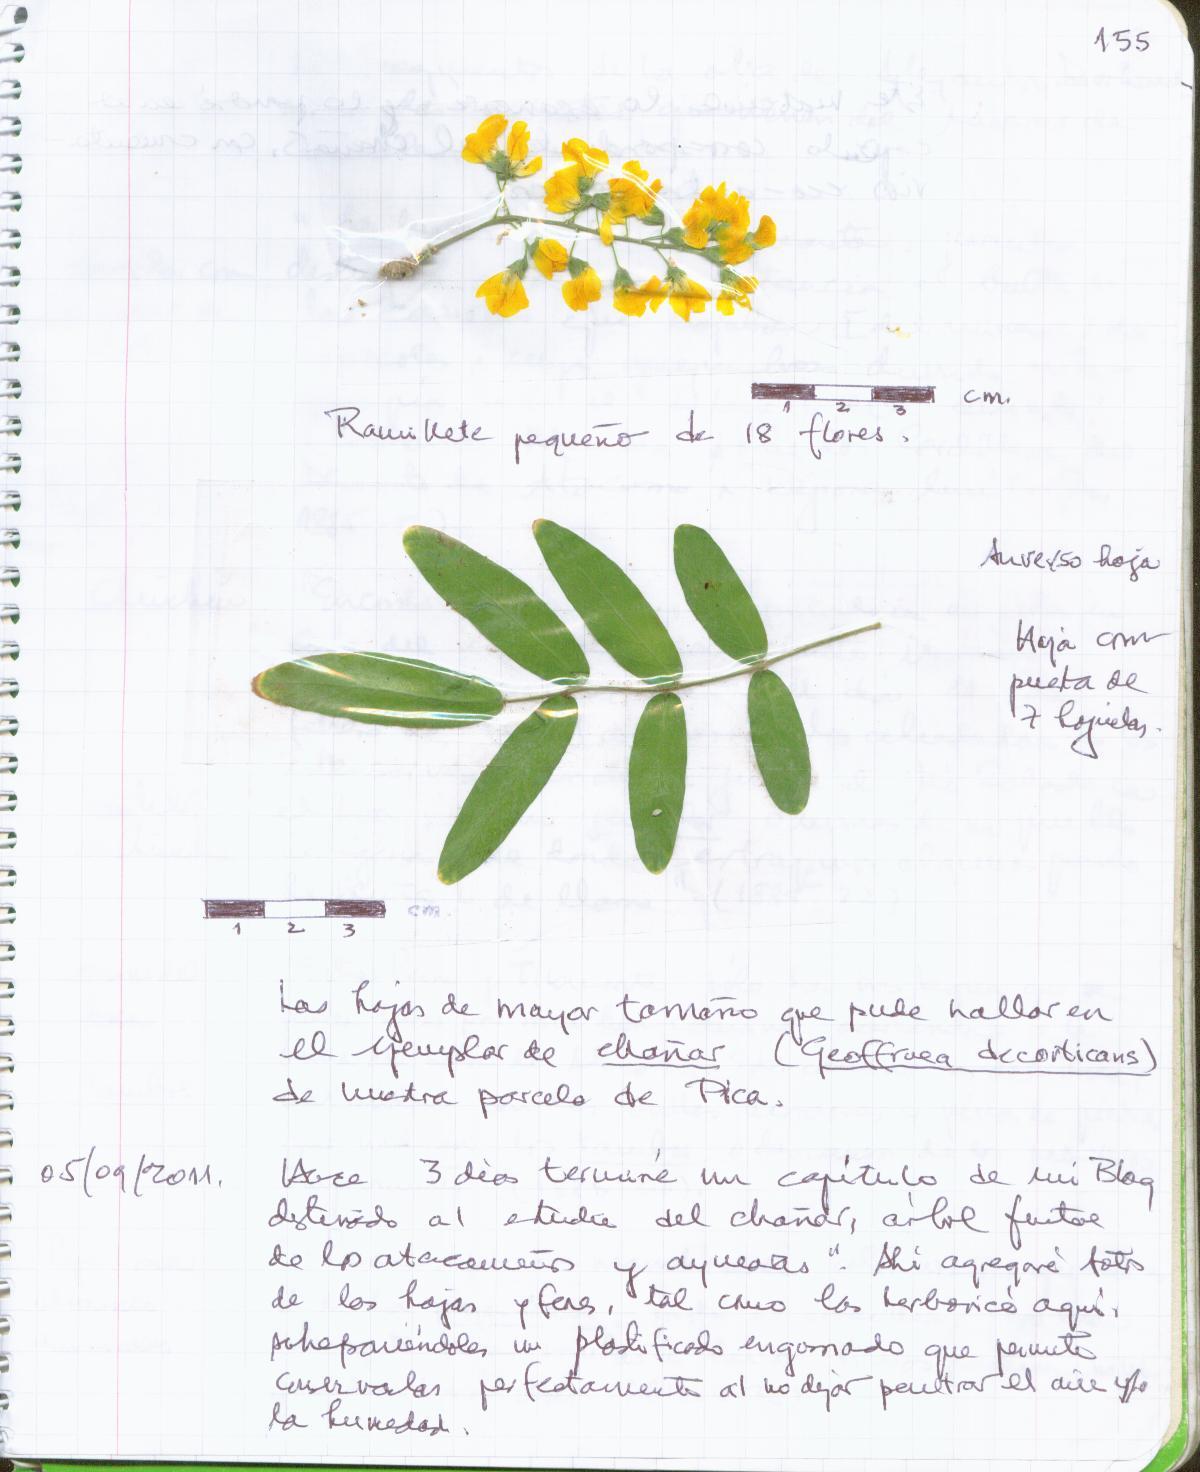 Ecoantropología Etnografía y caracterización botánica del